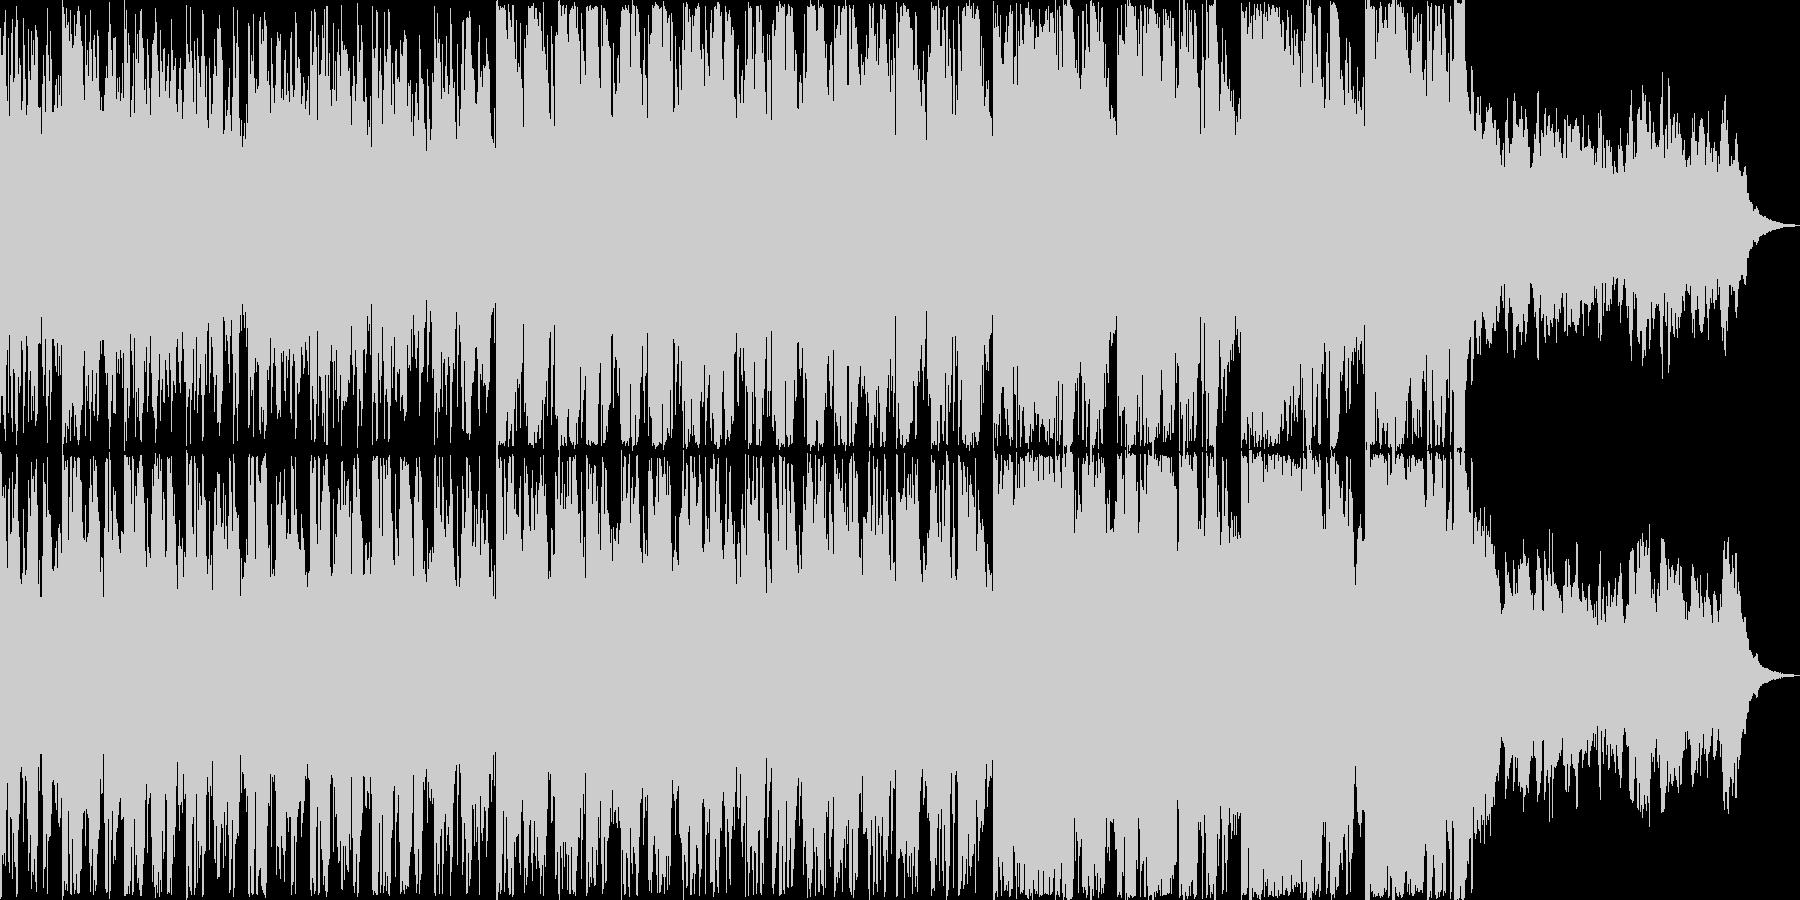 サスペンス映画の一場面をイメージして作…の未再生の波形